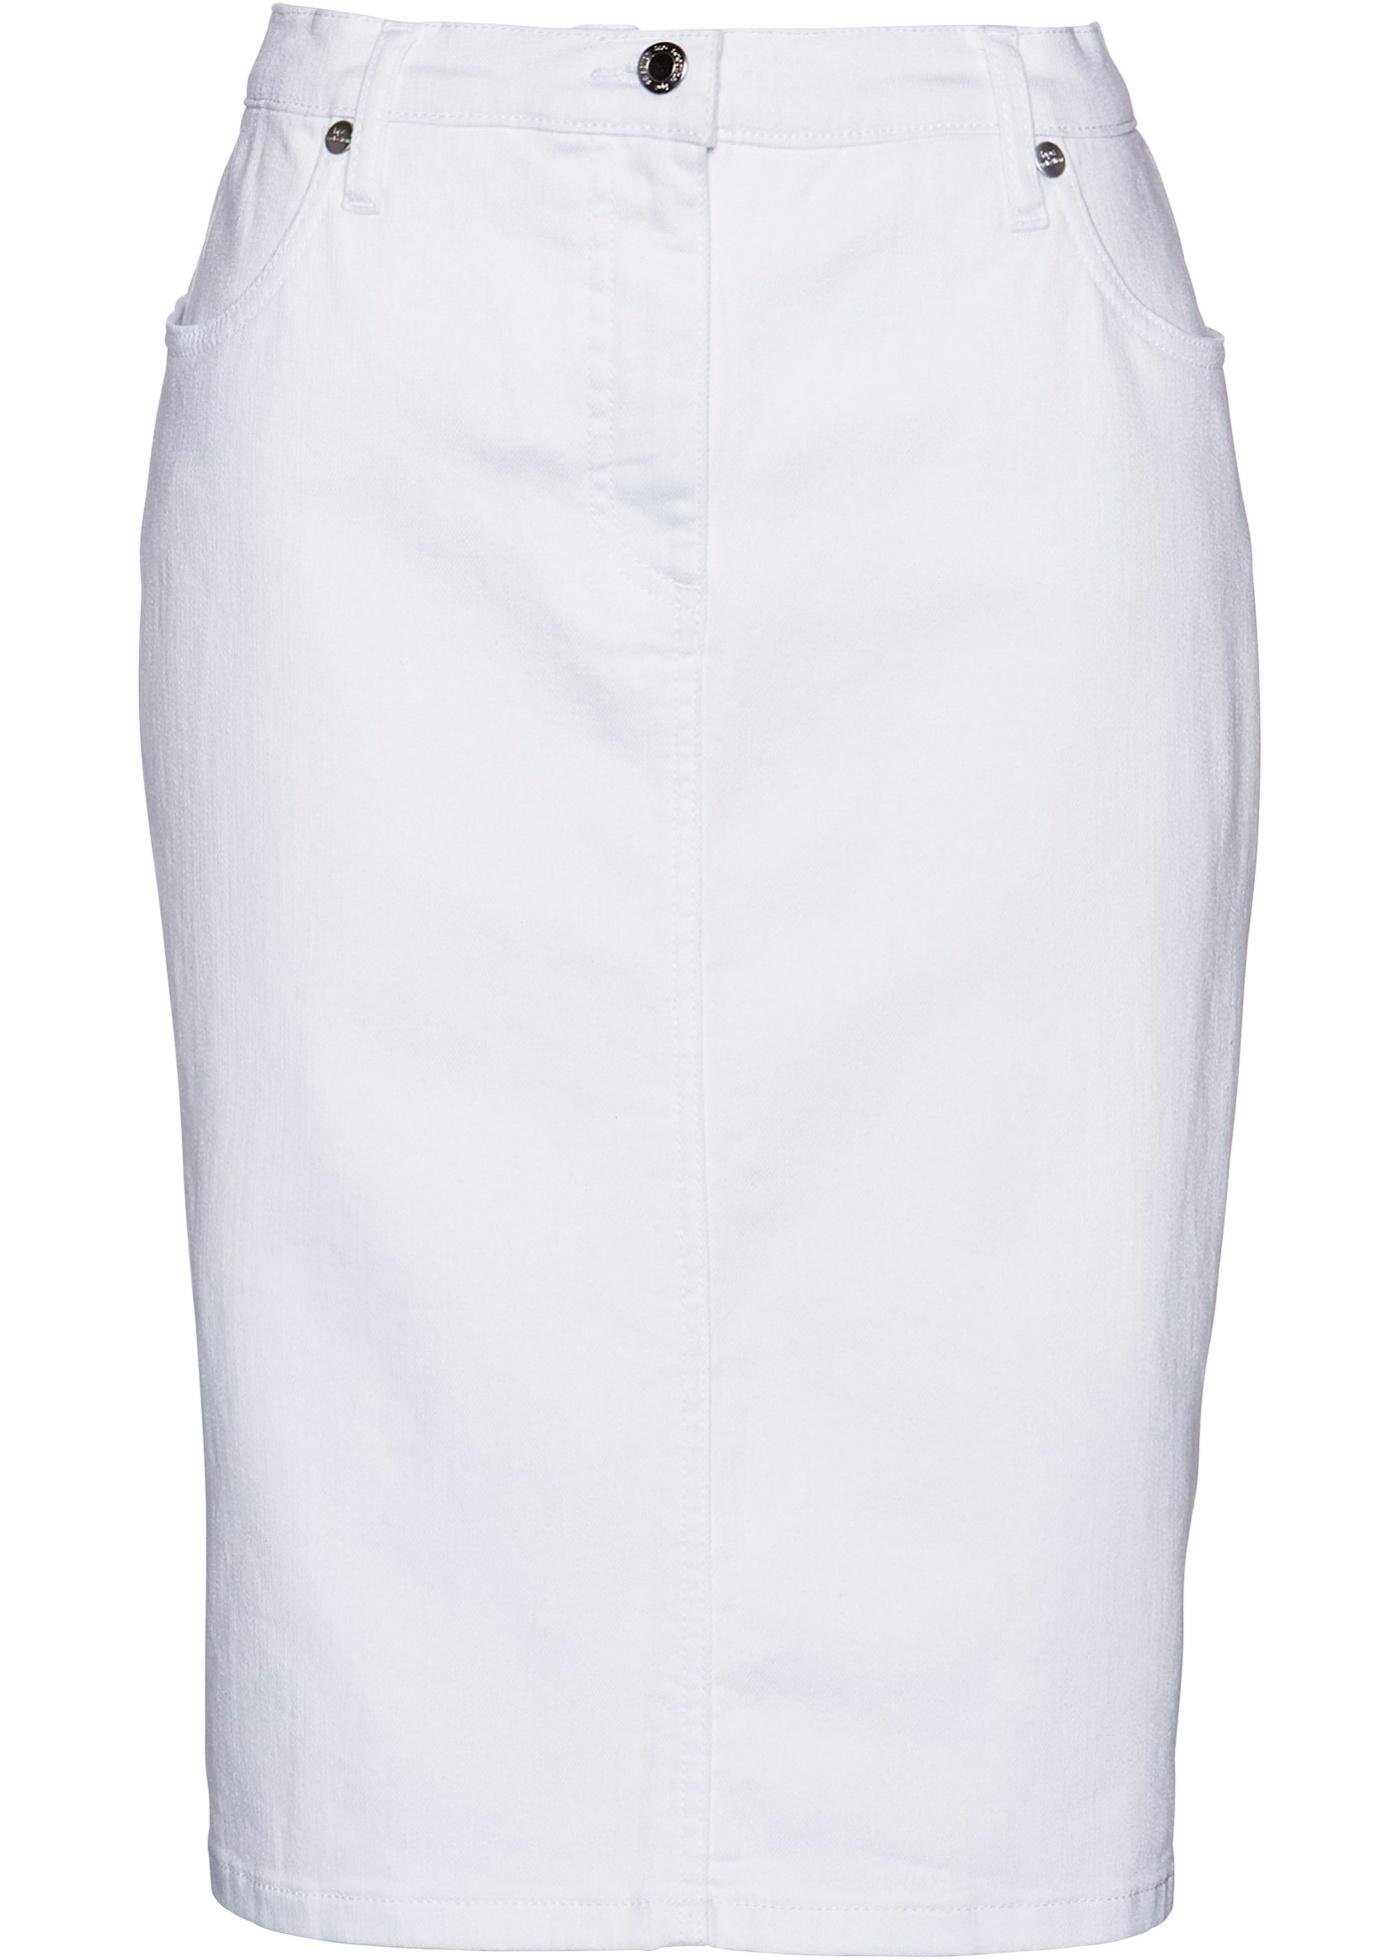 Gonna di jeans con bande glitterate (Bianco) - bpc selection